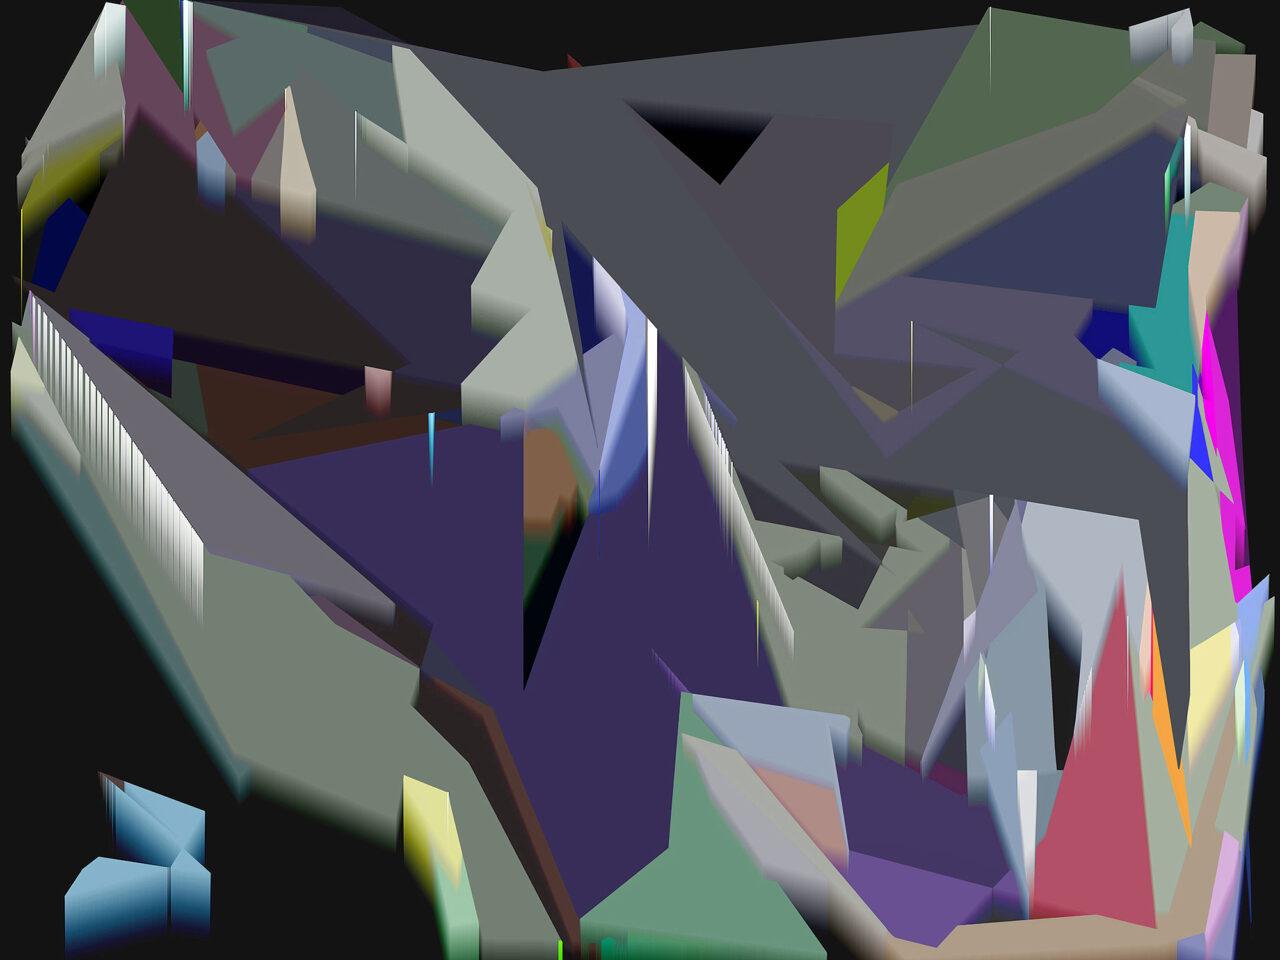 FarbLandschaft2, Experimental Fine Art Photography, Farbpigment auf Aludibond, matt, 2020, 67 cm x 90 cm cm, Unikat, rückseitig signiert, auf Wunsch auch auf Hahnemühlen Baryta und kleiner